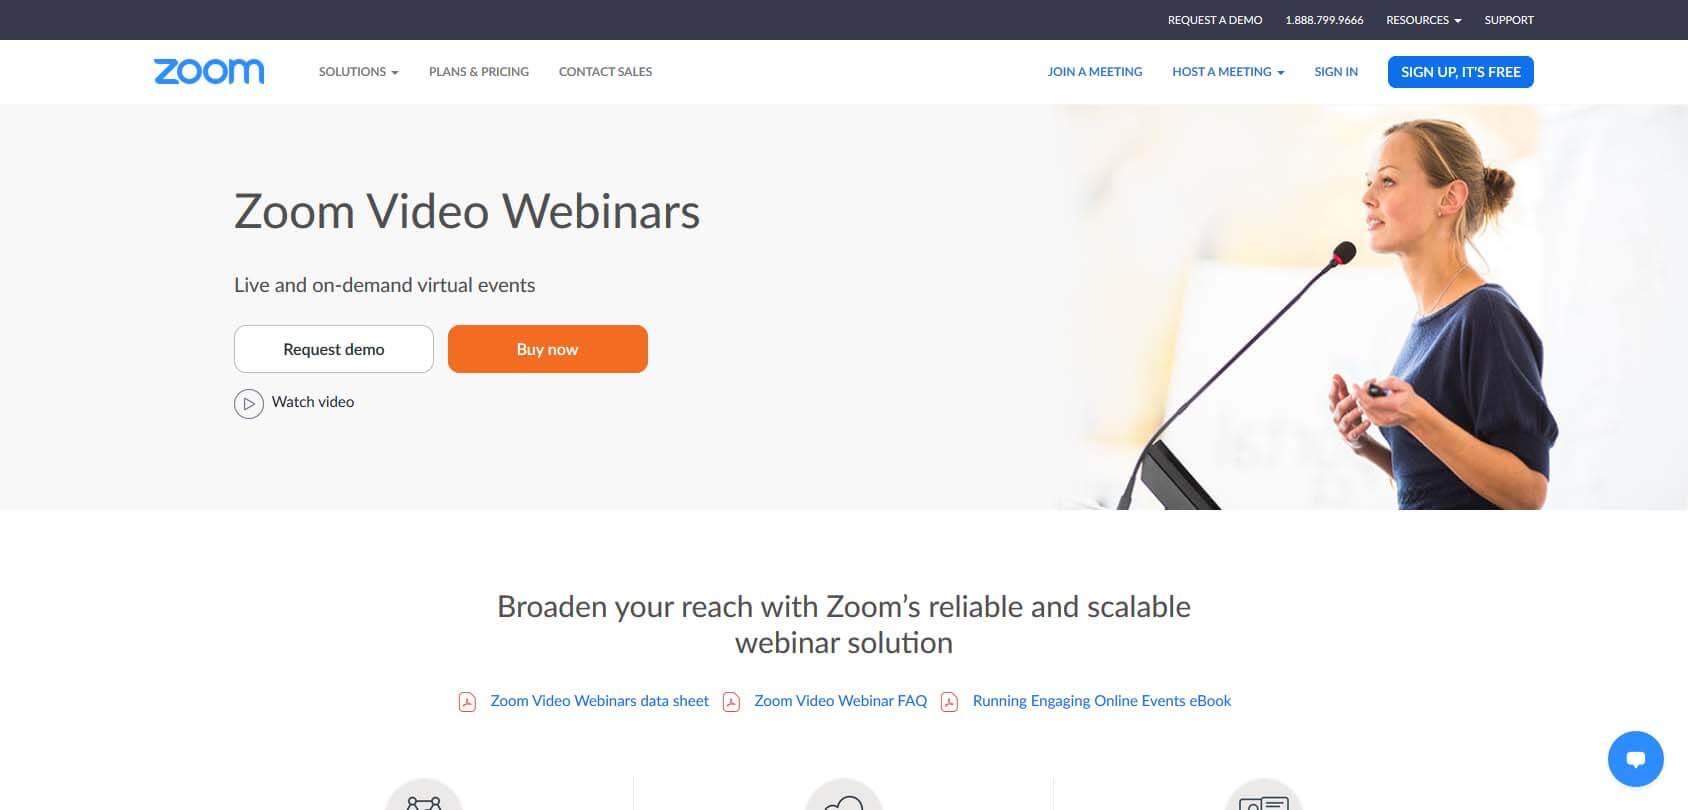 Zoom Webinar homepage